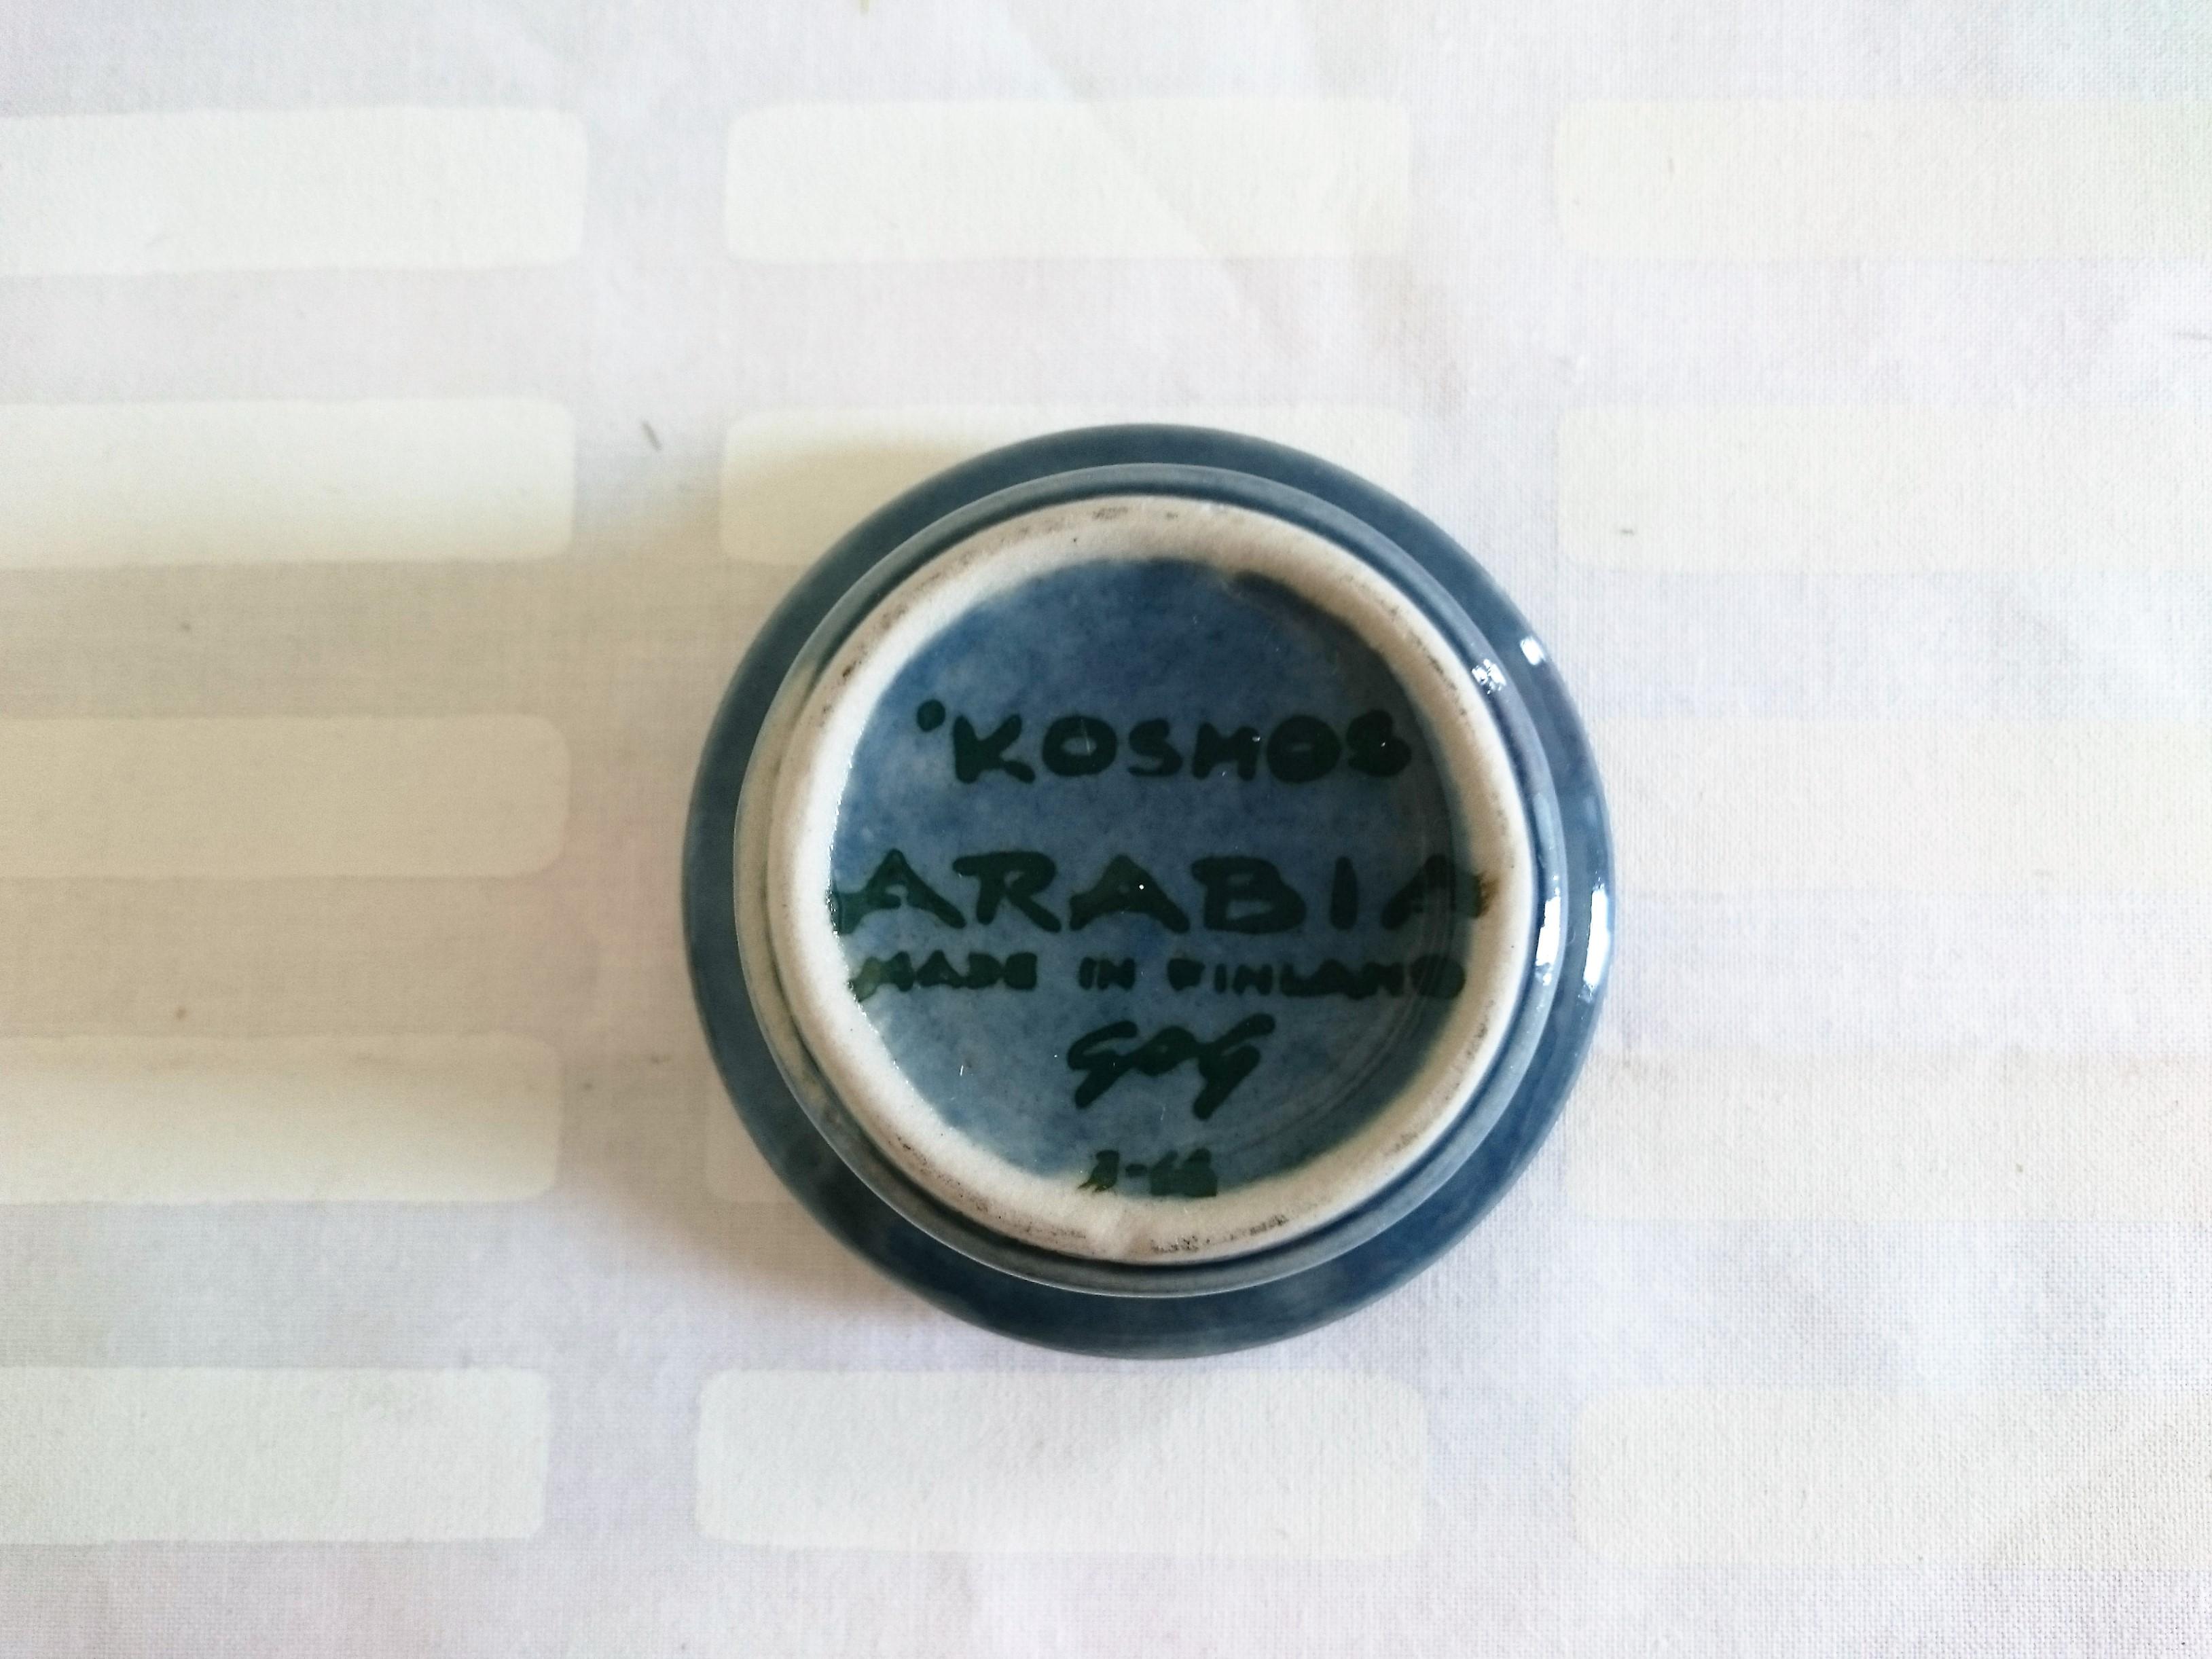 エッグスタンド / アラビア ヴィンテージ / Kosmos BL 1